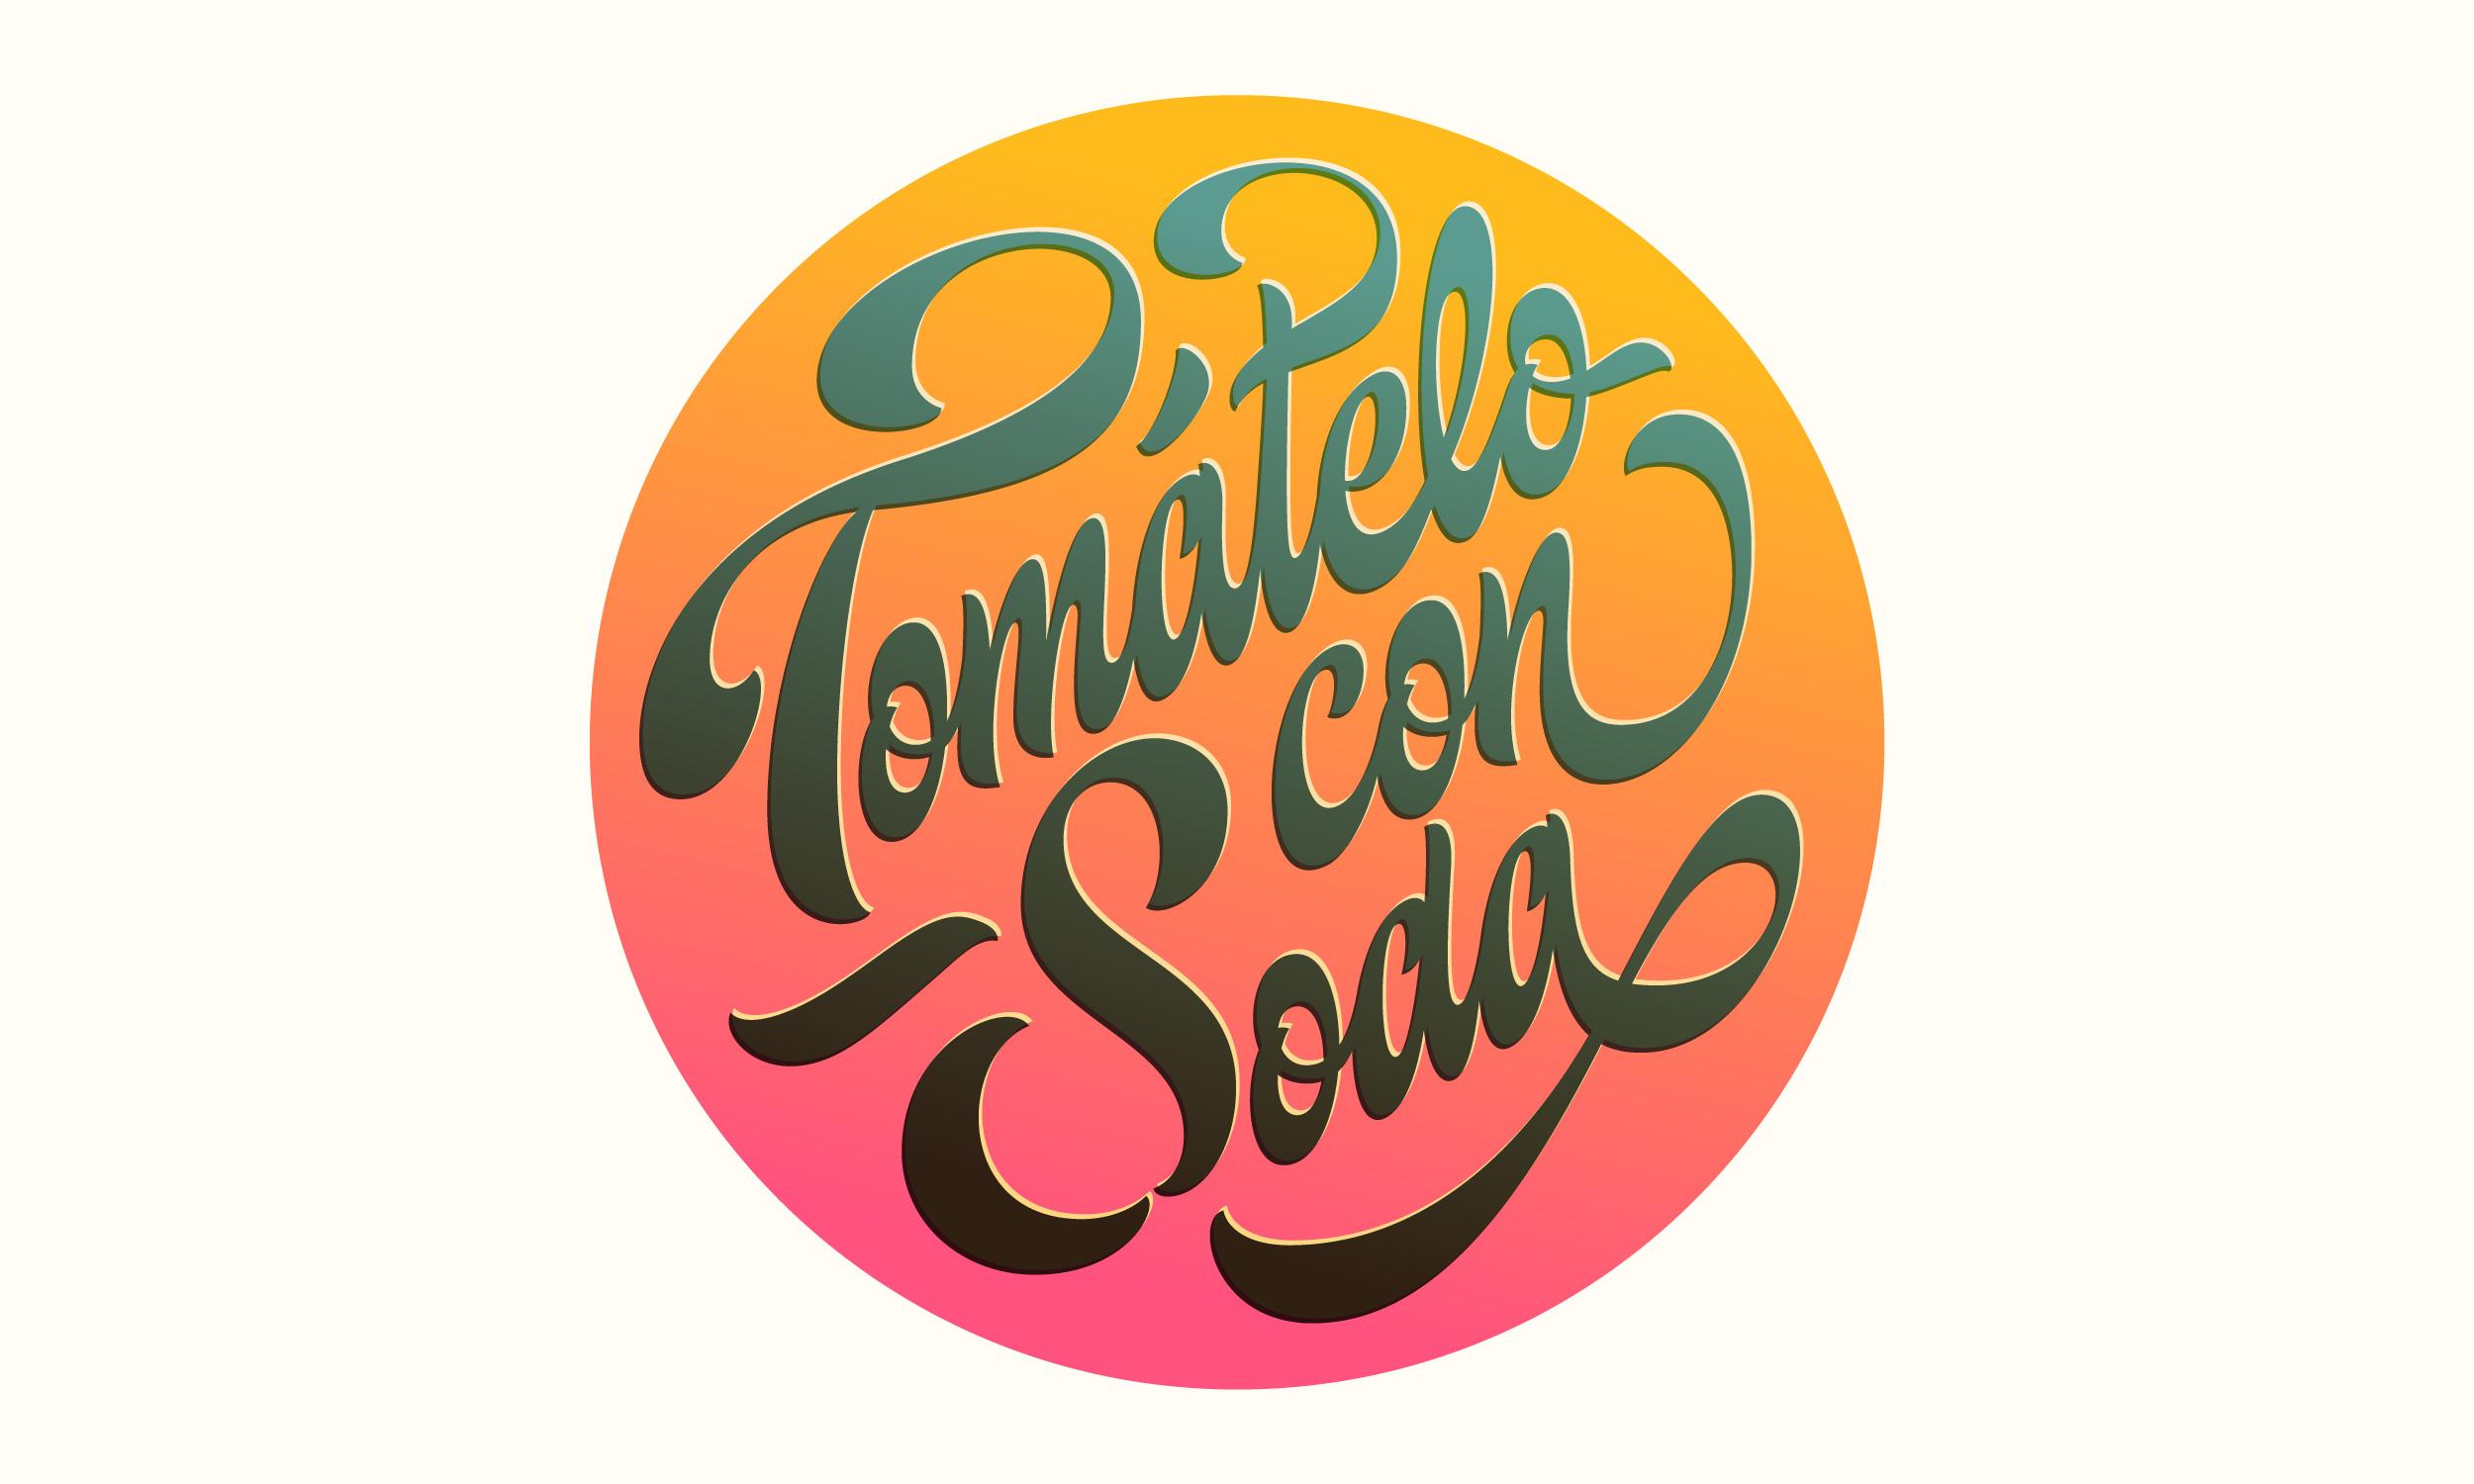 TOMATELO-CON-SODA_Yanina-Arabena_Guillermo-Vizzari_01.jpg